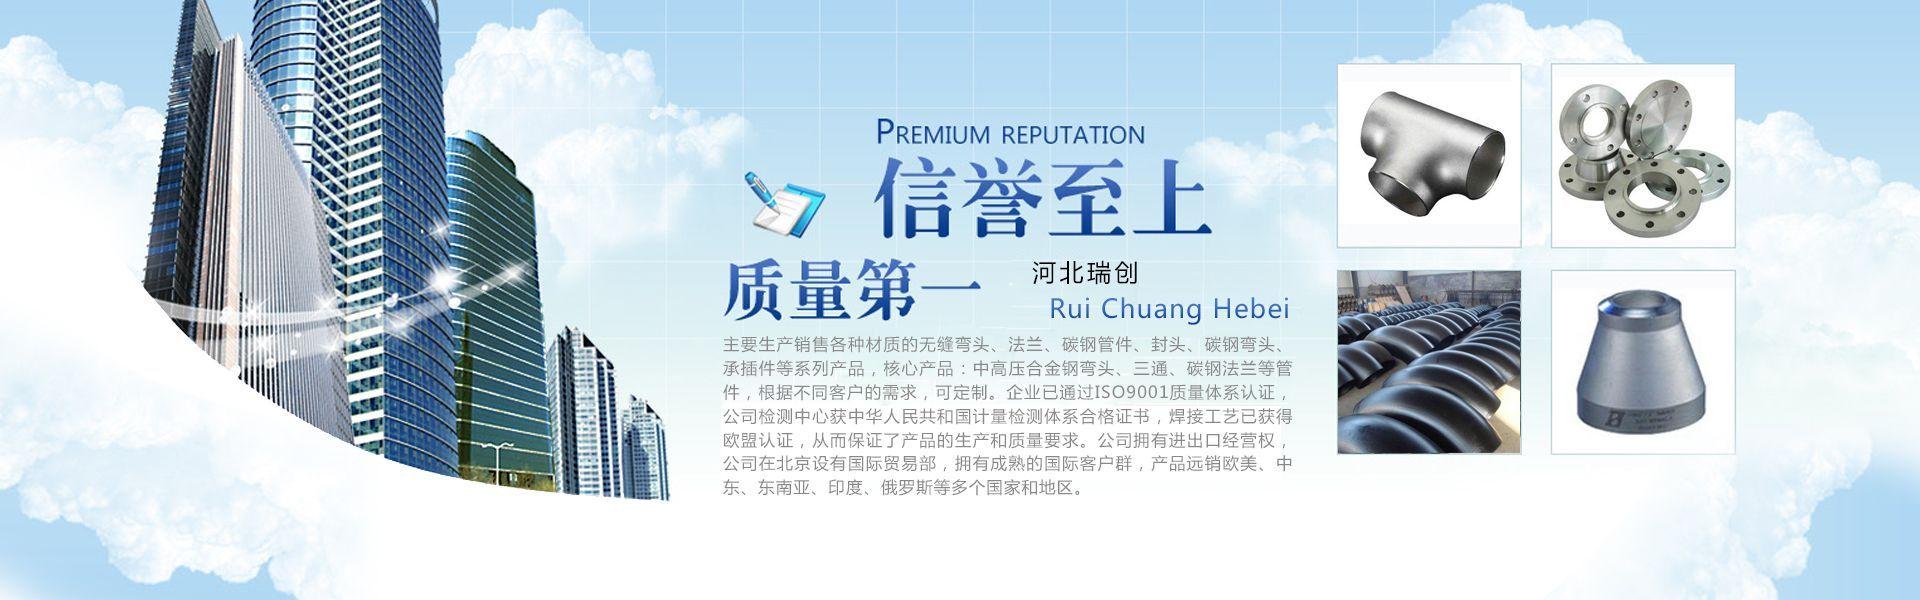 河北bob国际app官方下载管道设备有限公司